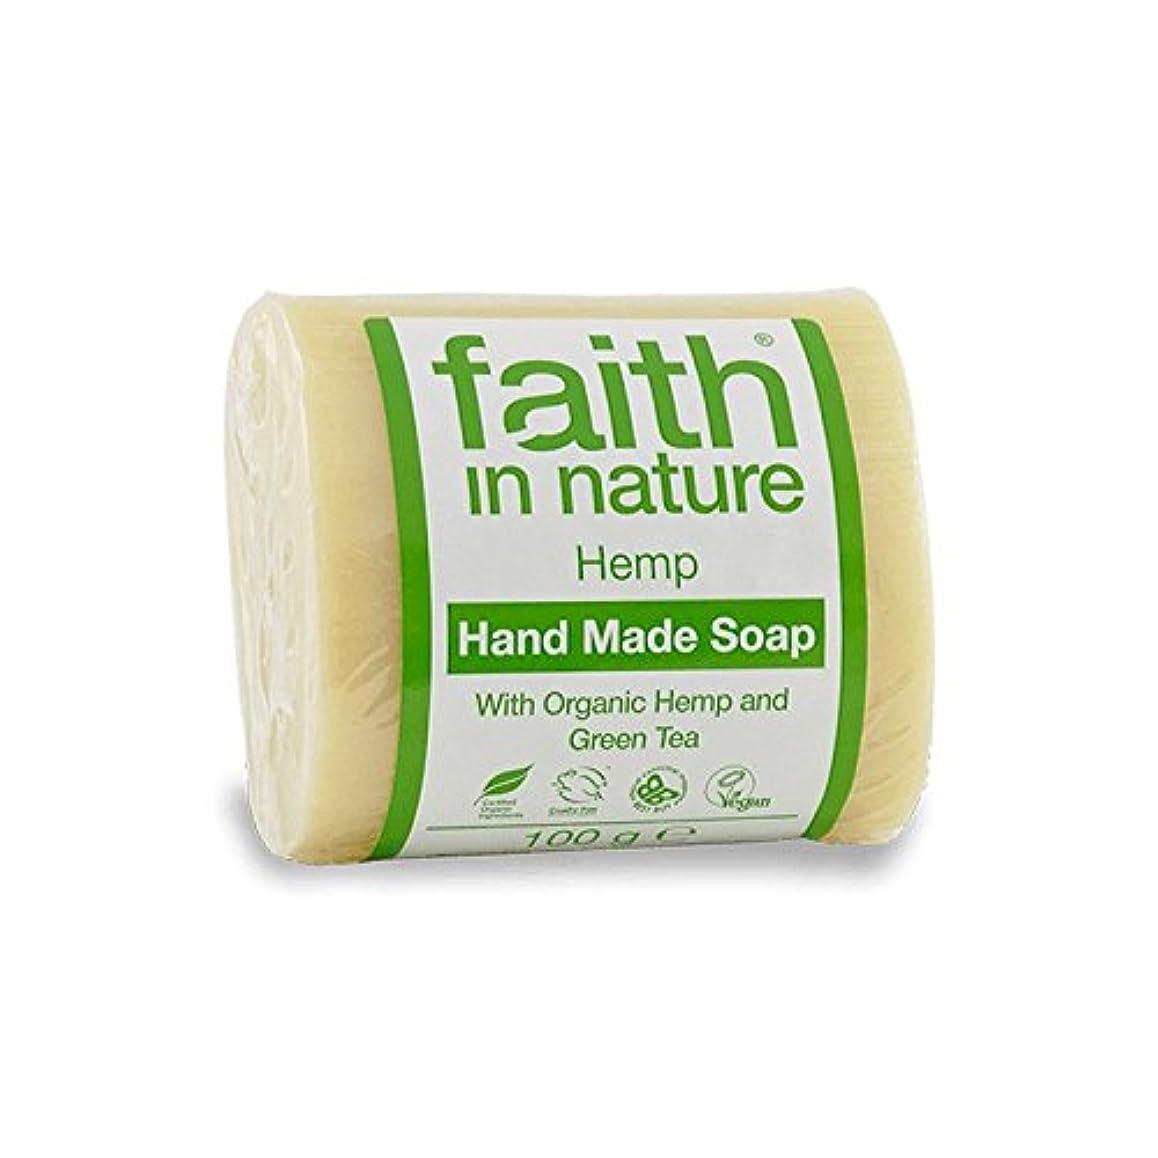 学んだオートメーション頻繁にFaith in Nature Hemp with Green Tea Soap 100g (Pack of 6) - 緑茶石鹸100グラムと自然の麻の信仰 (x6) [並行輸入品]